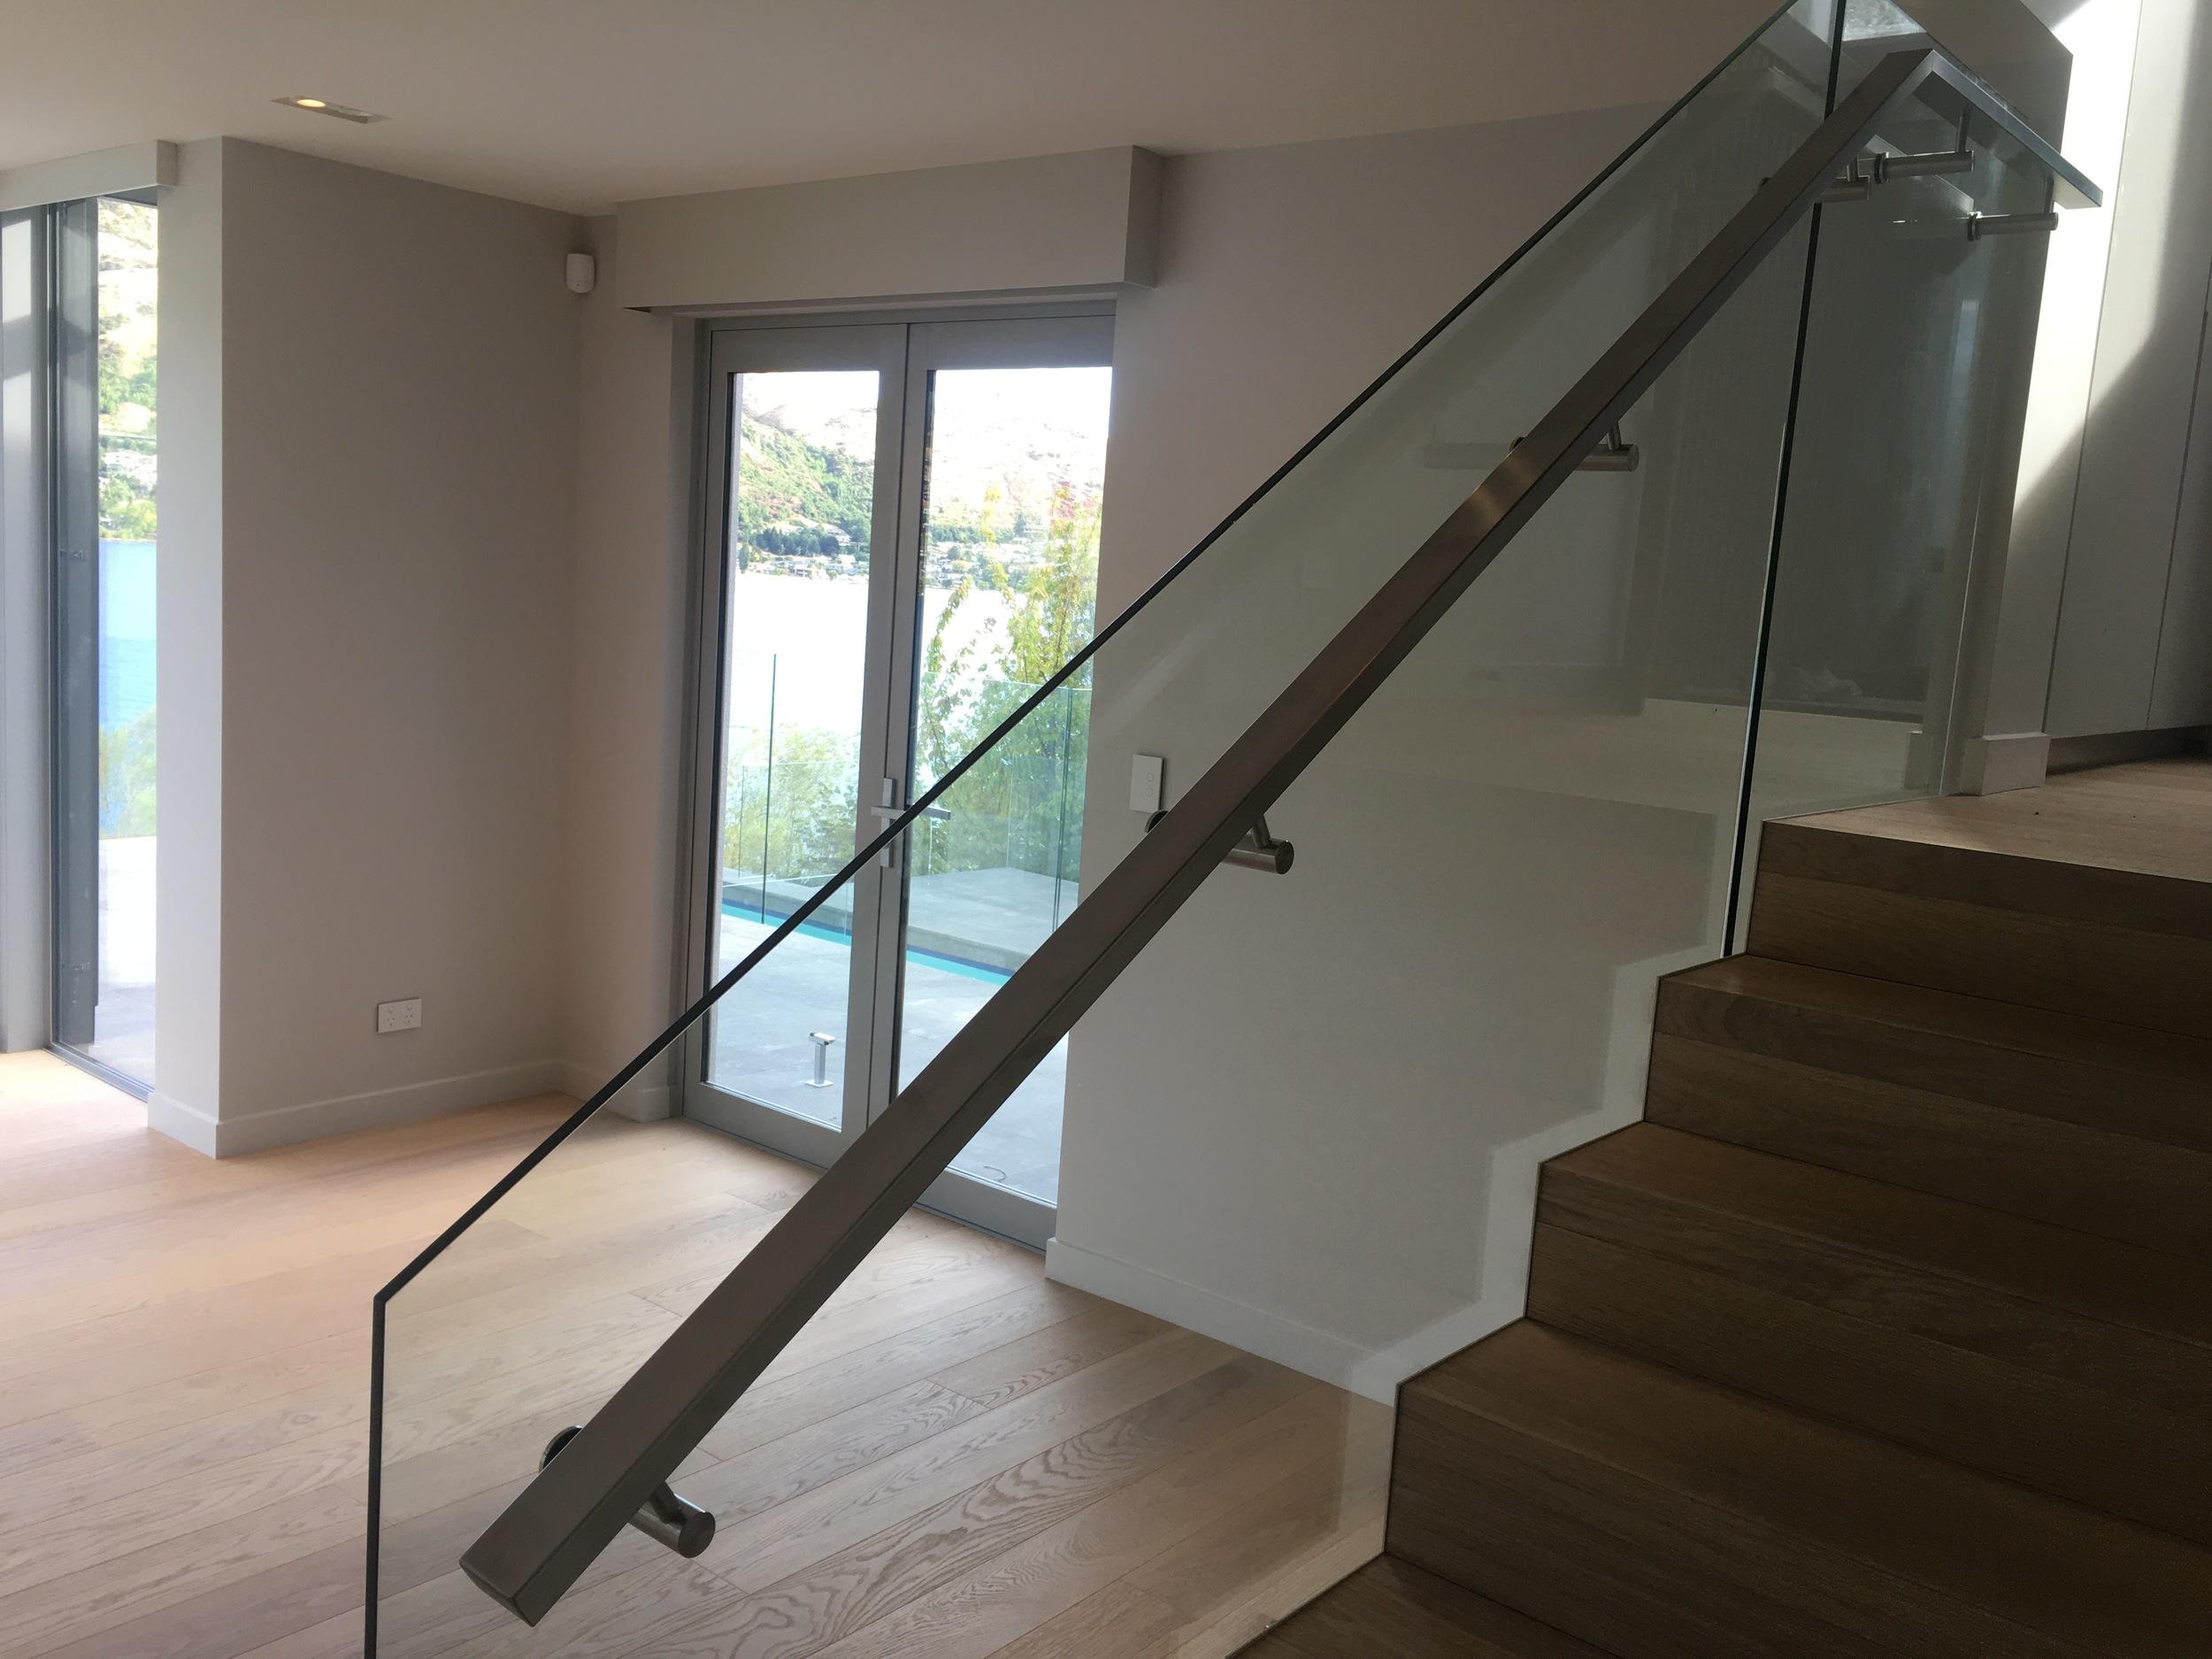 stainless handrail.jpg